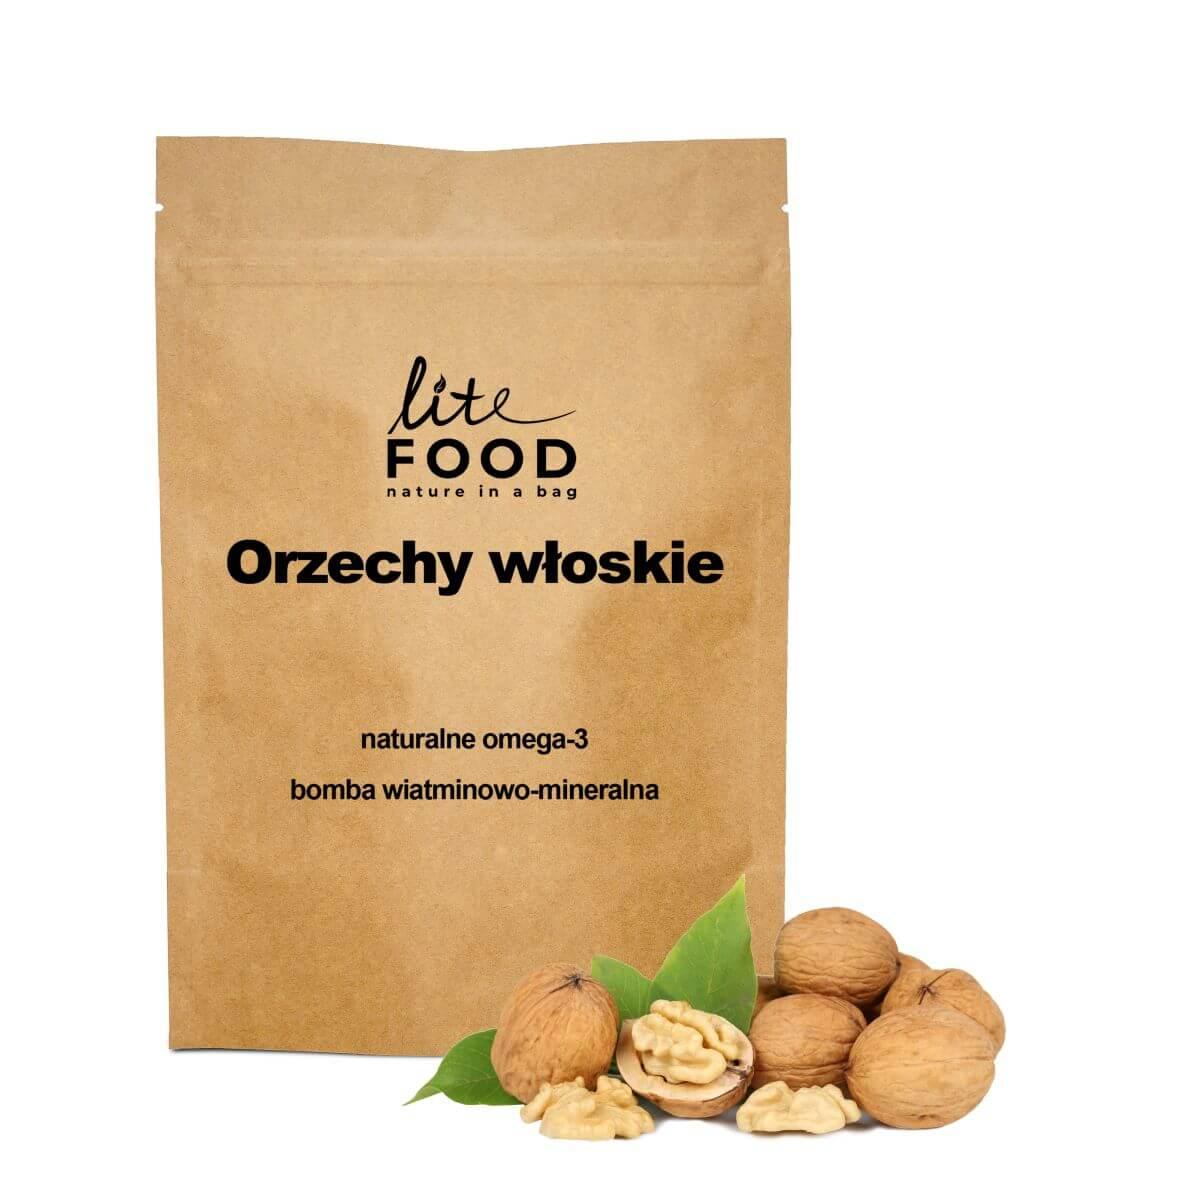 orzechy_wloskie_1200